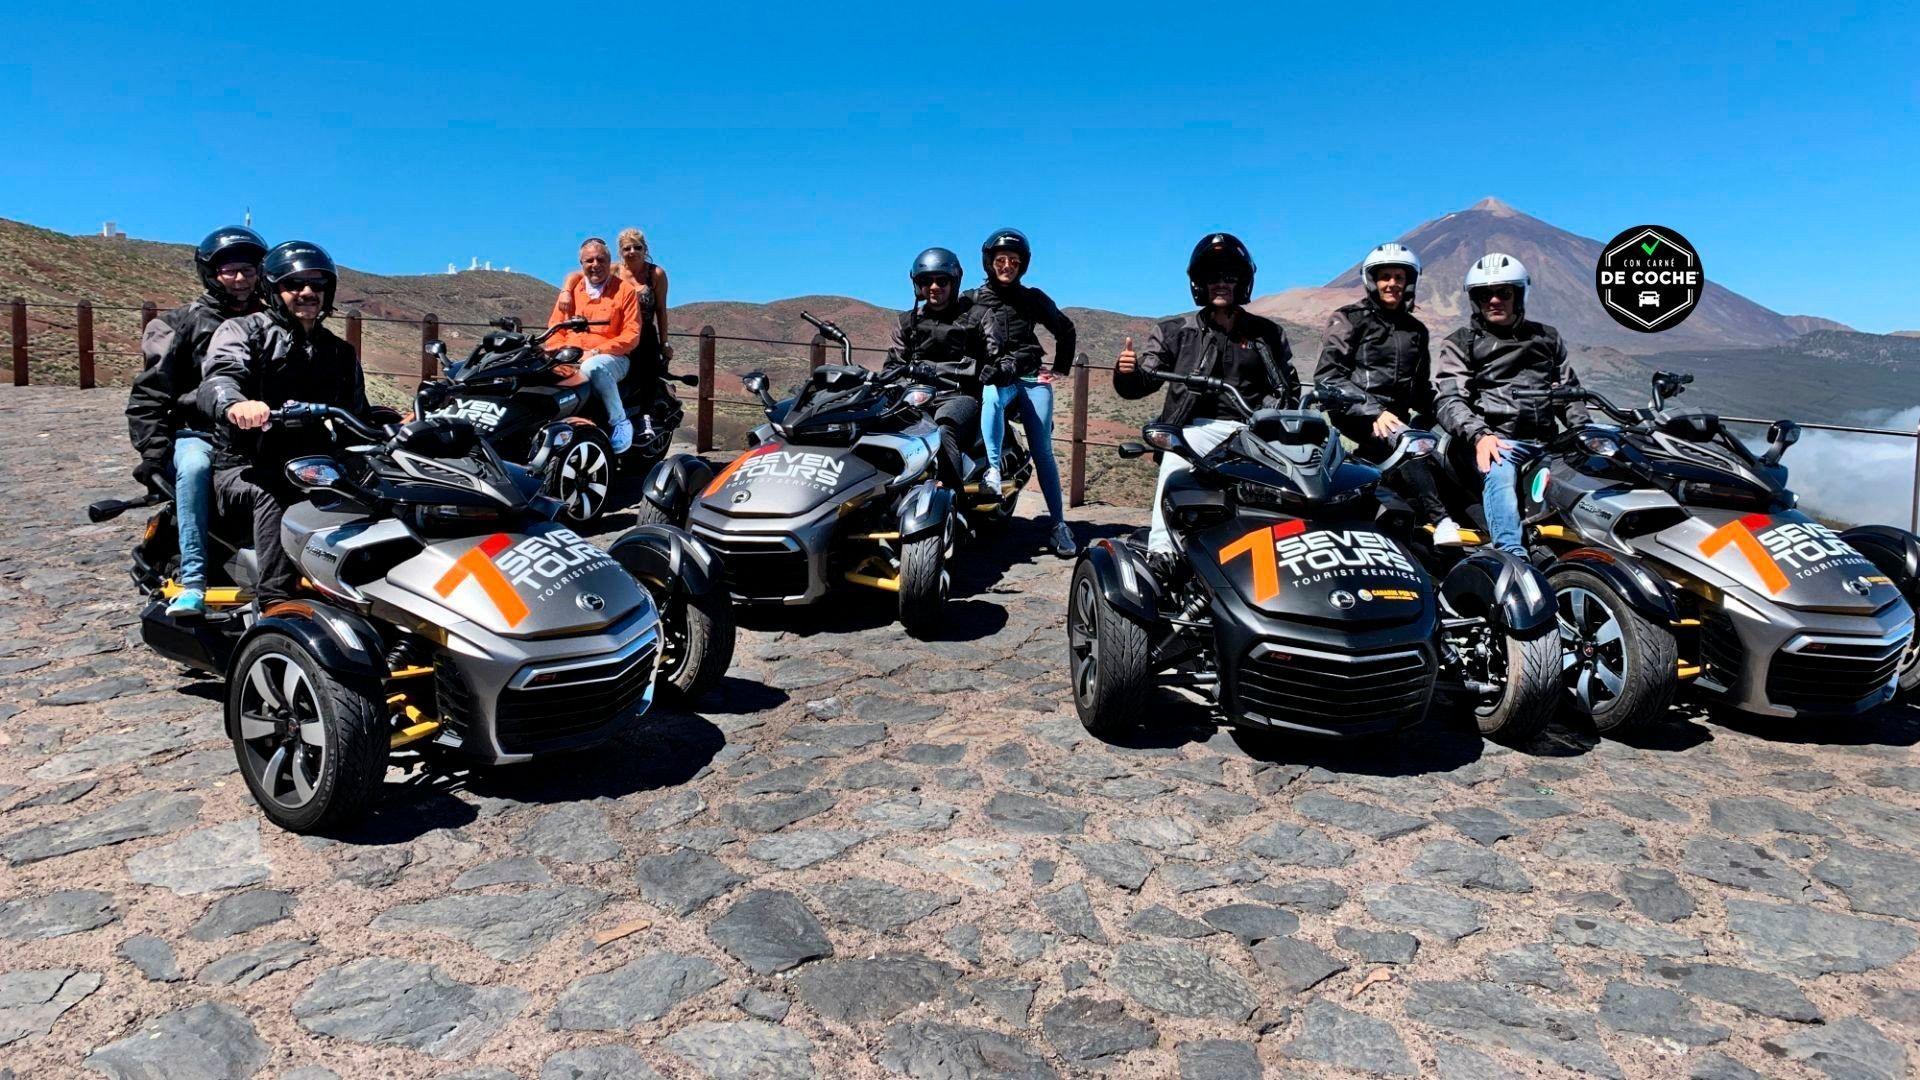 Excursiones en motos de tres ruedas en Tenerife